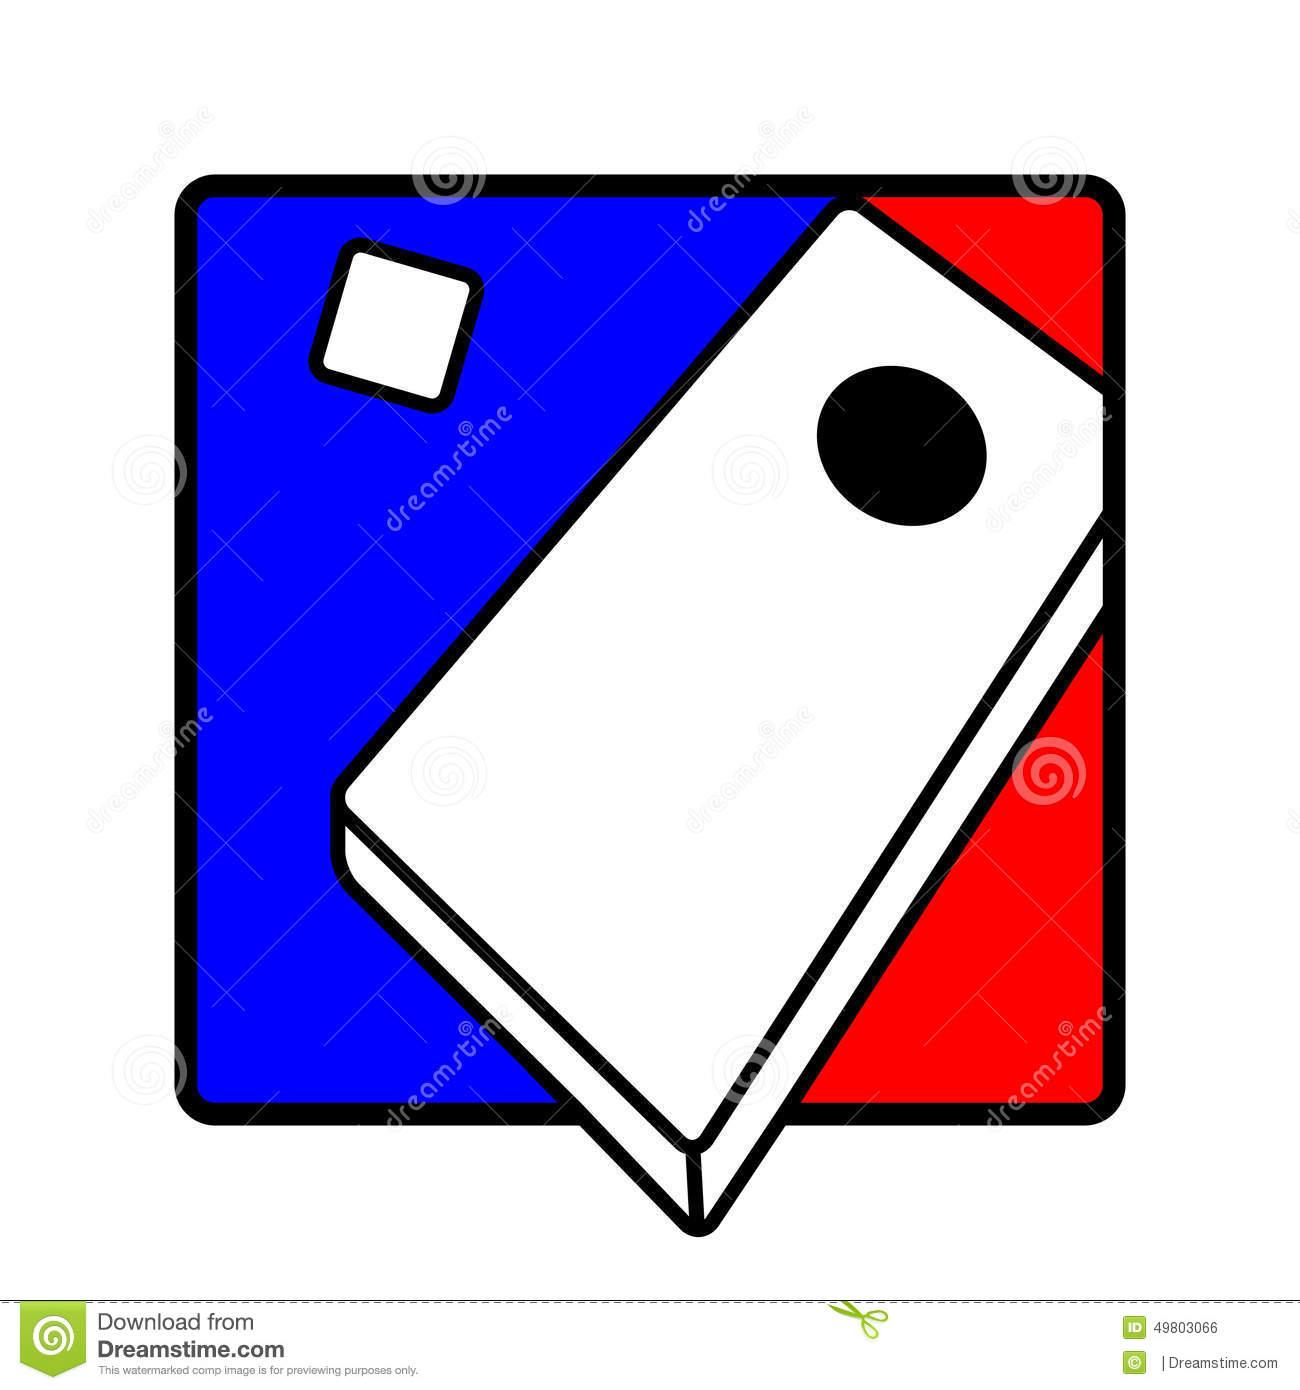 Corn Hole Clip Art. Corn hole icon symbol